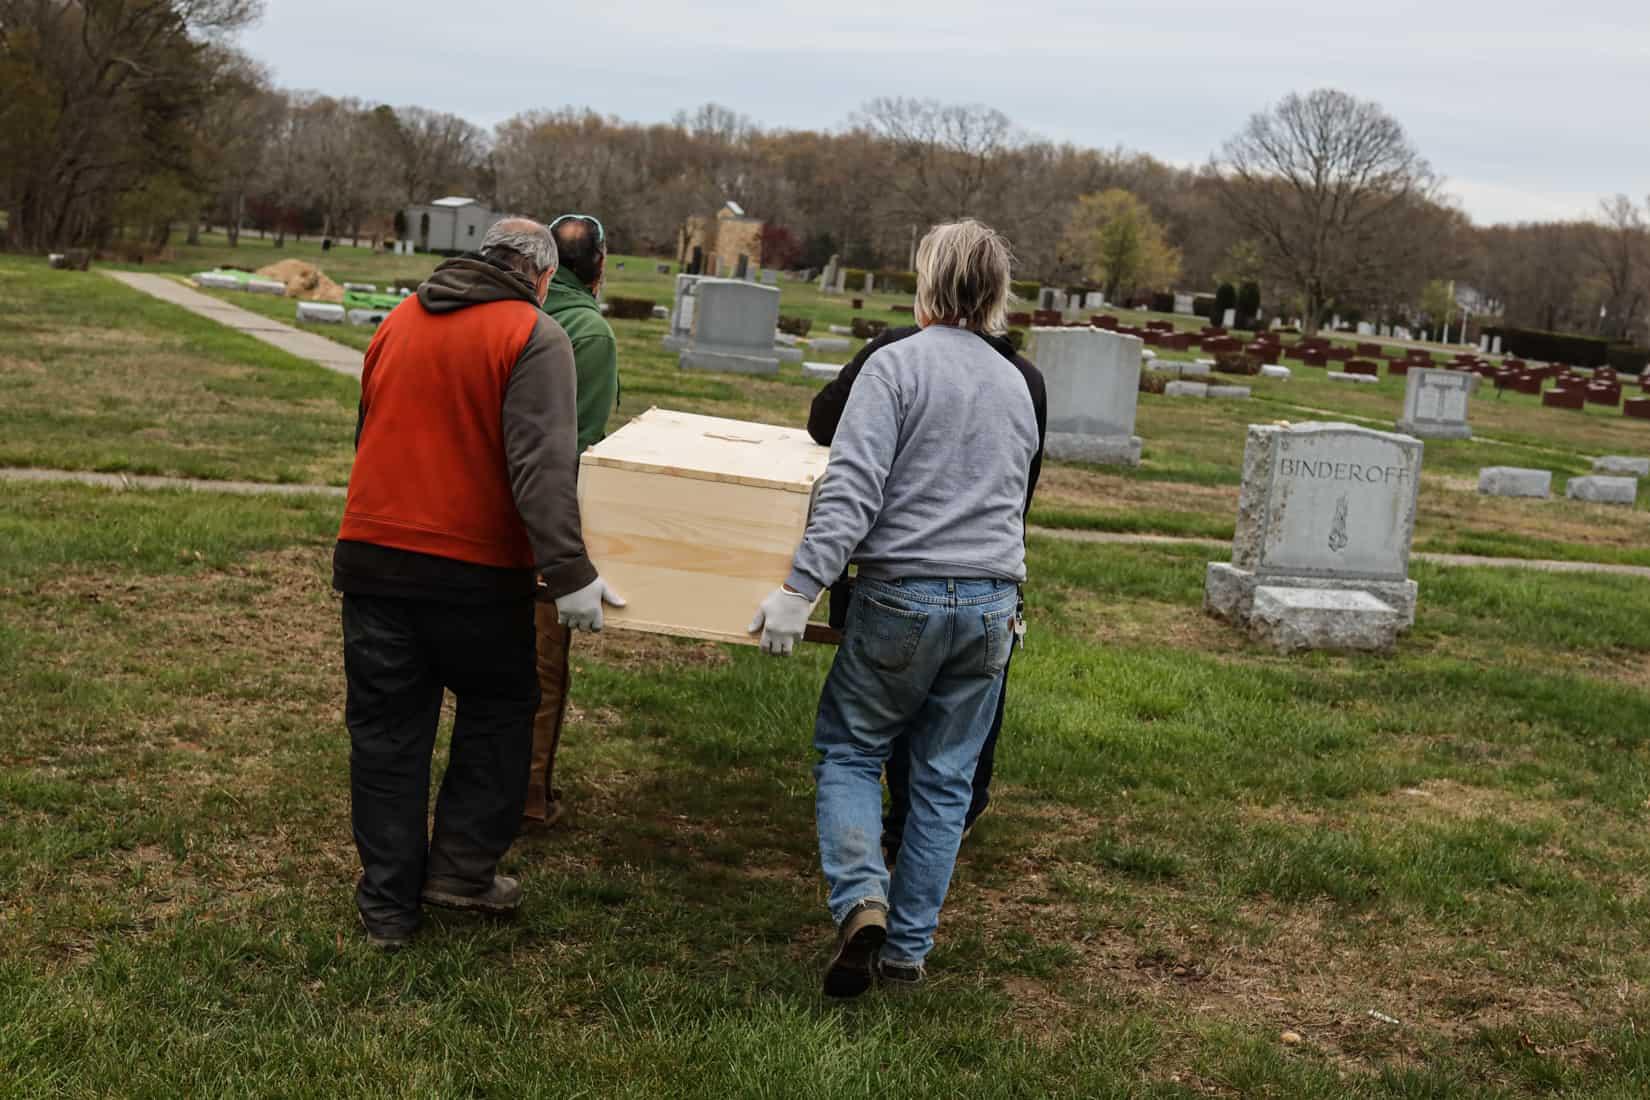 אנשי הצוות בבית הקברות וושינגטון ממוריאל פארק נושאים ארון לקבורה. מאי, 2020 (צילום: Jonathan Alpeyrie/Polaris Images)